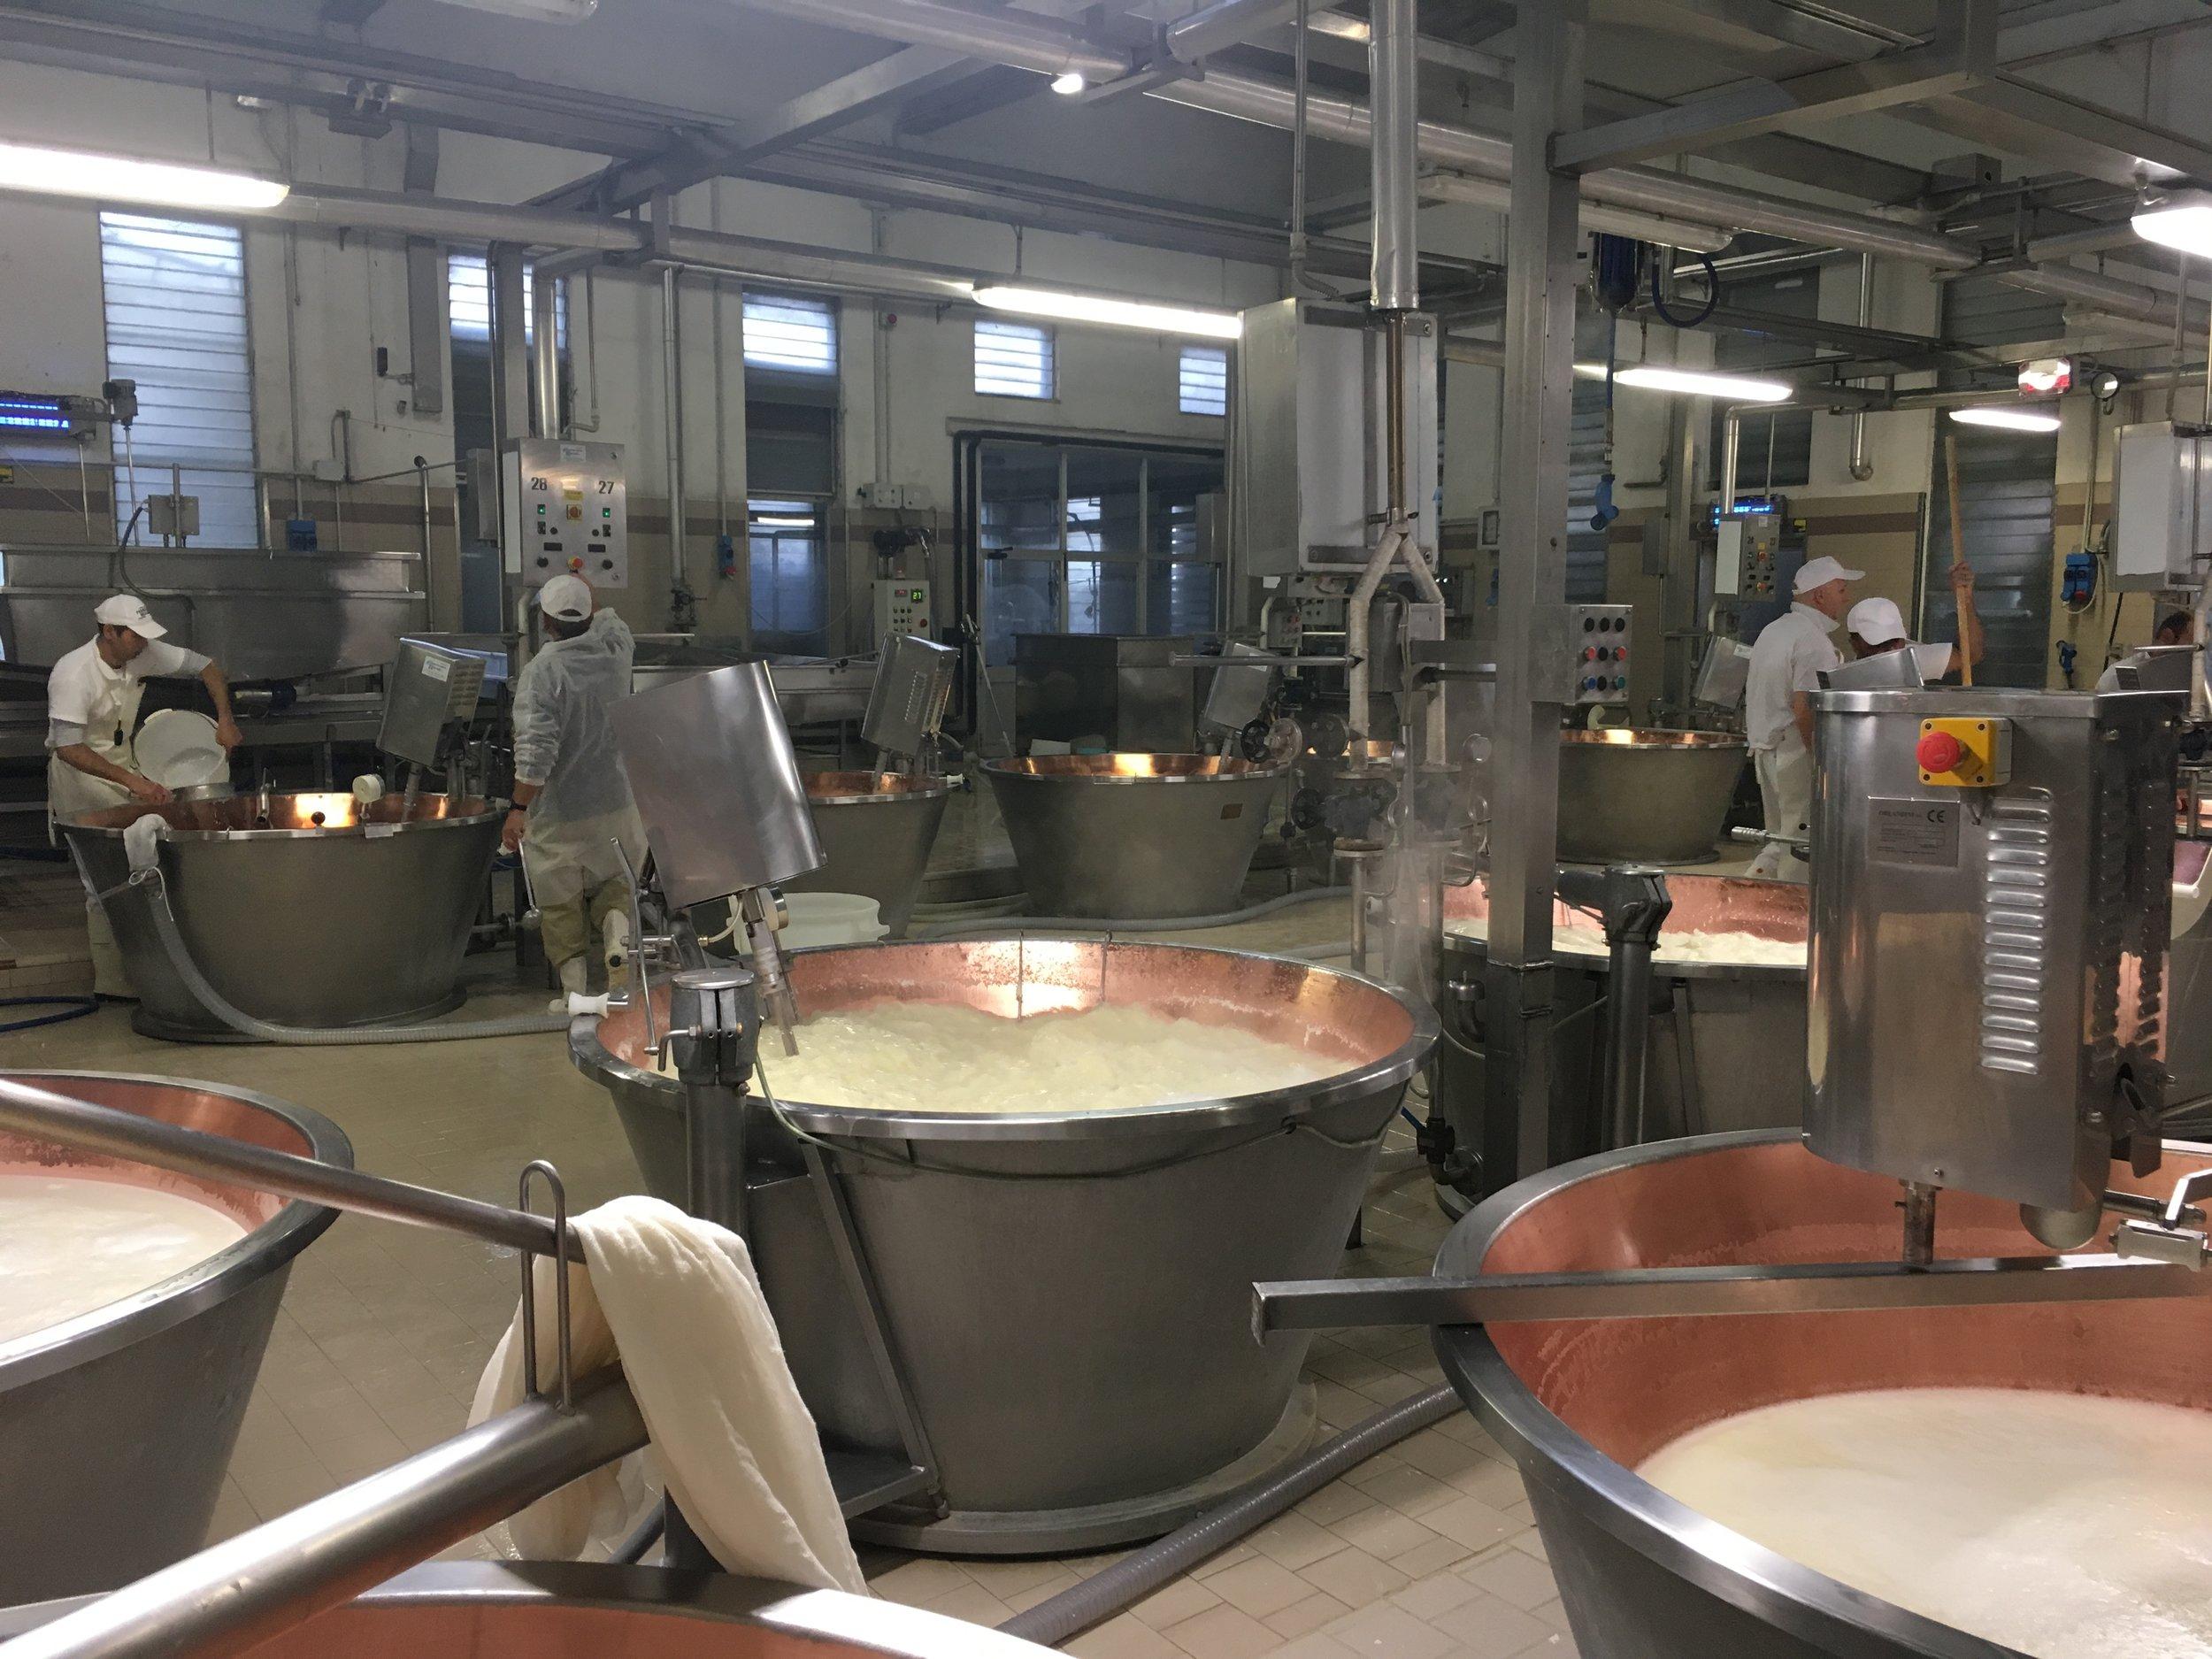 Daí o leite coalhado é aquecido a 55 graus celsius e agitado para que os sólidos se unam com facilidade,formando uma massa borrachenta.